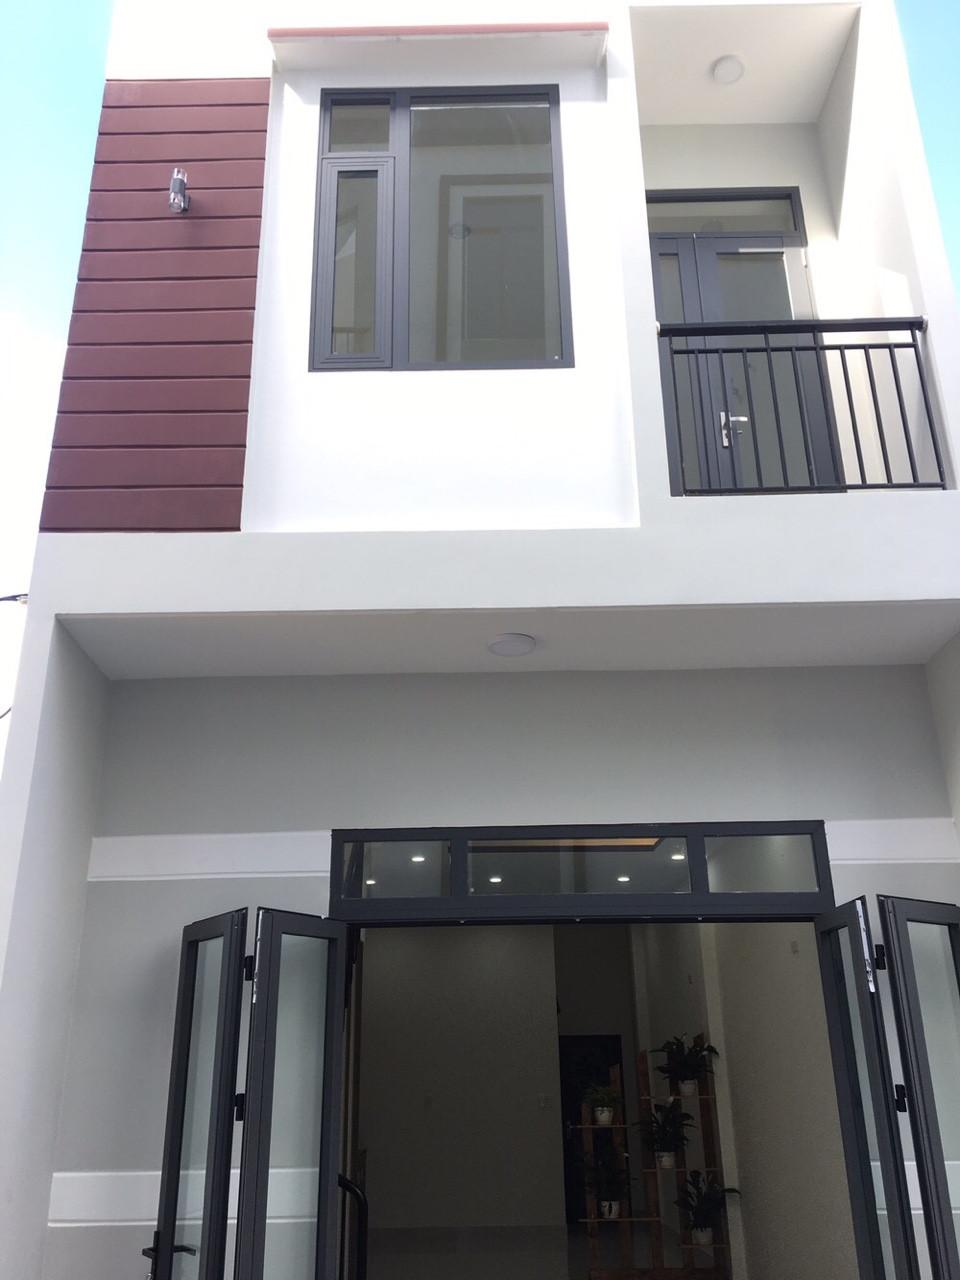 Bán nhà đường Trường Chinh kiệt oto hơn 4m, quận Thanh Khê, Đà Nẵng